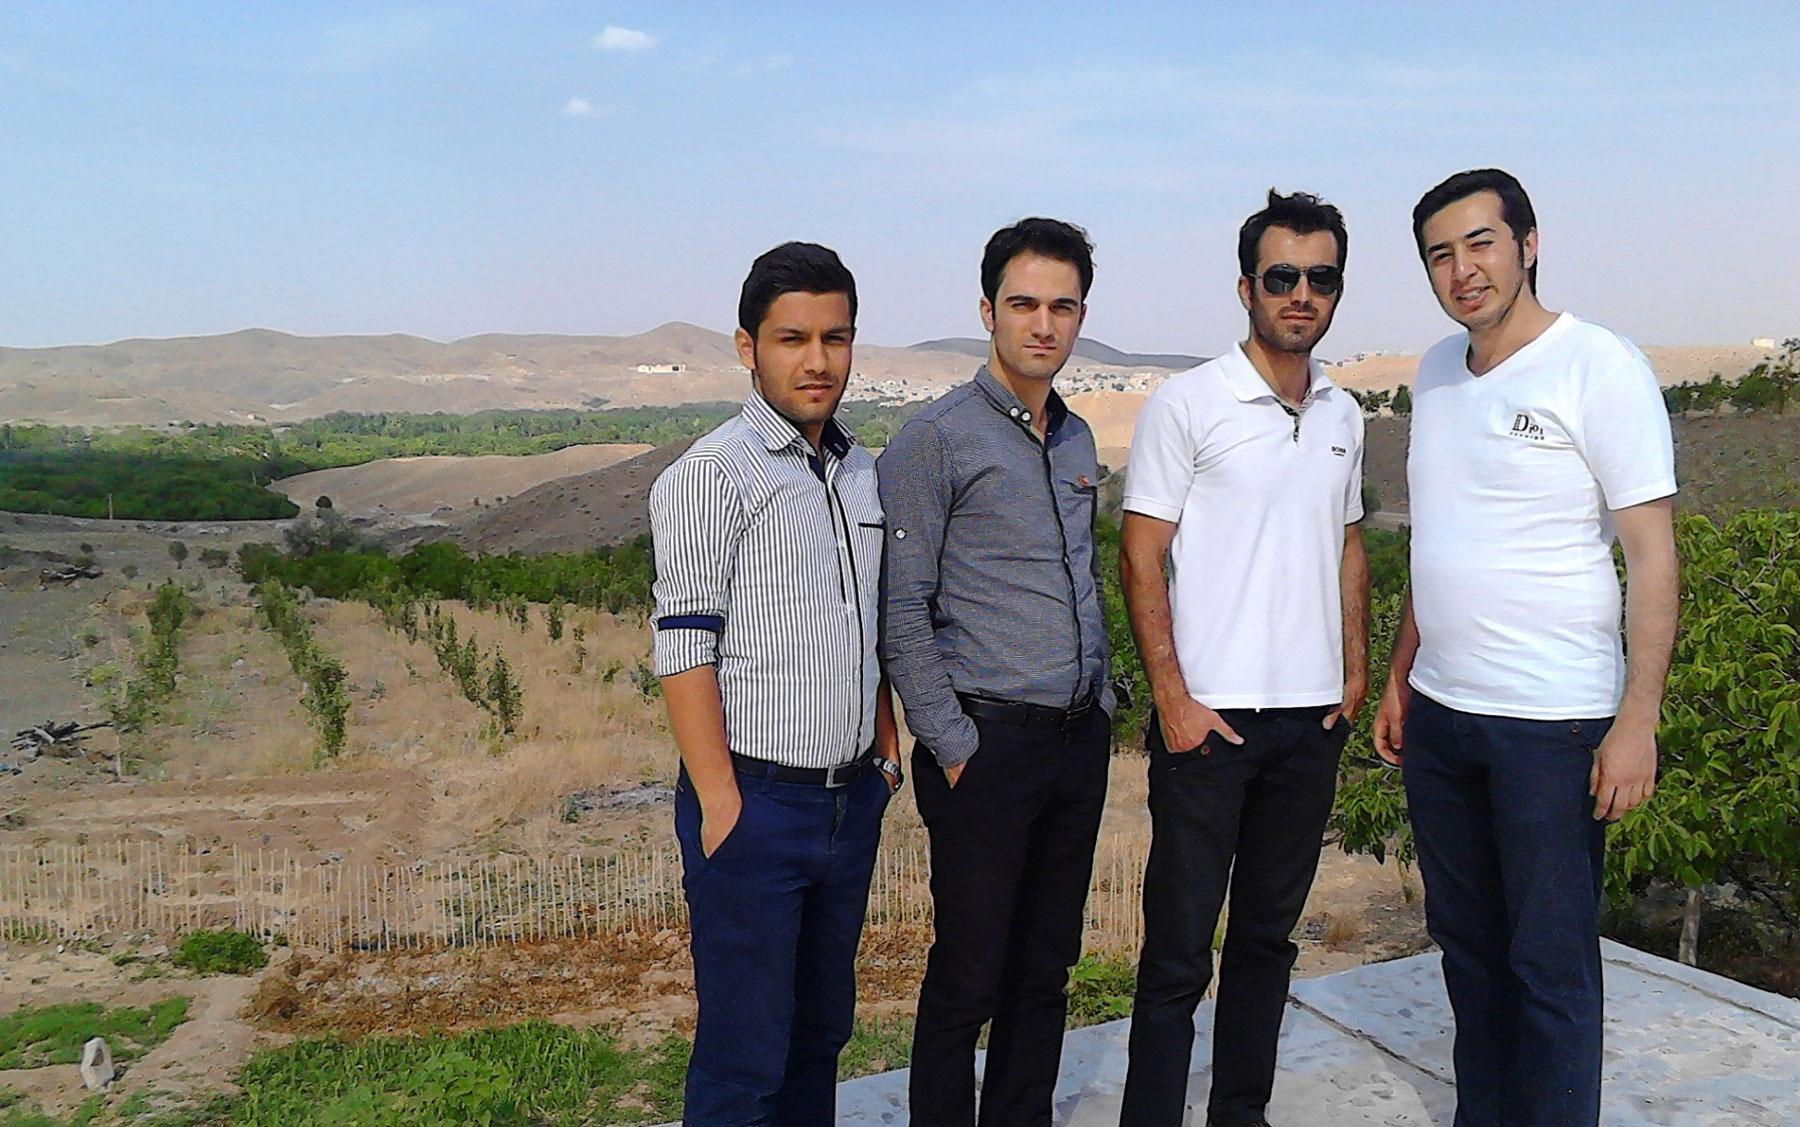 اسماعیل بهشتی؛ باغ بهادران اصفهان